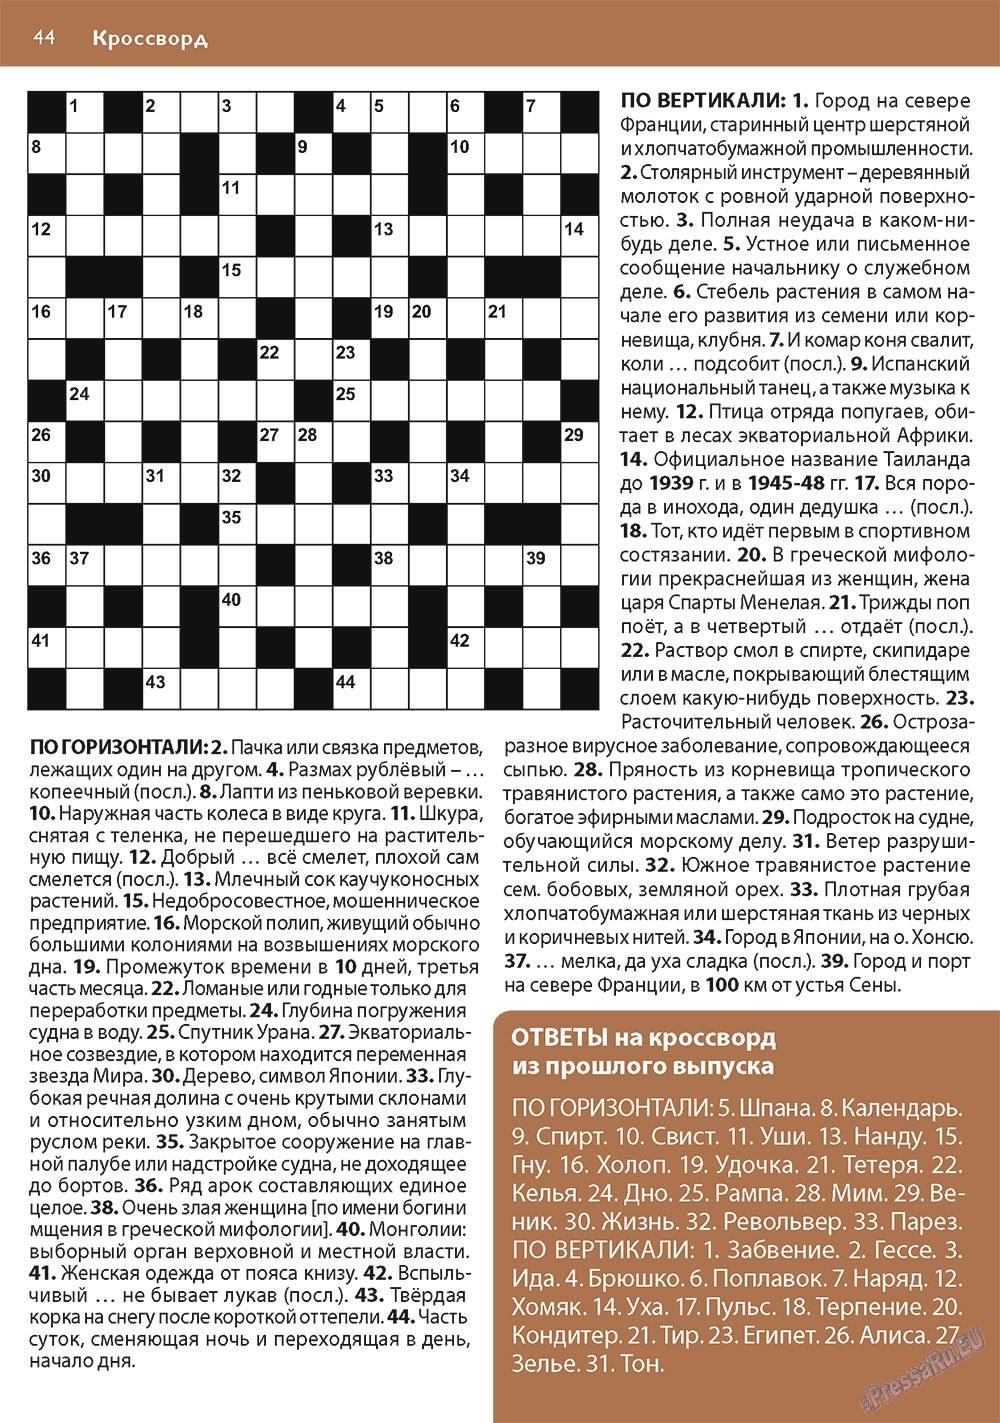 Апельсин (журнал). 2010 год, номер 15, стр. 44